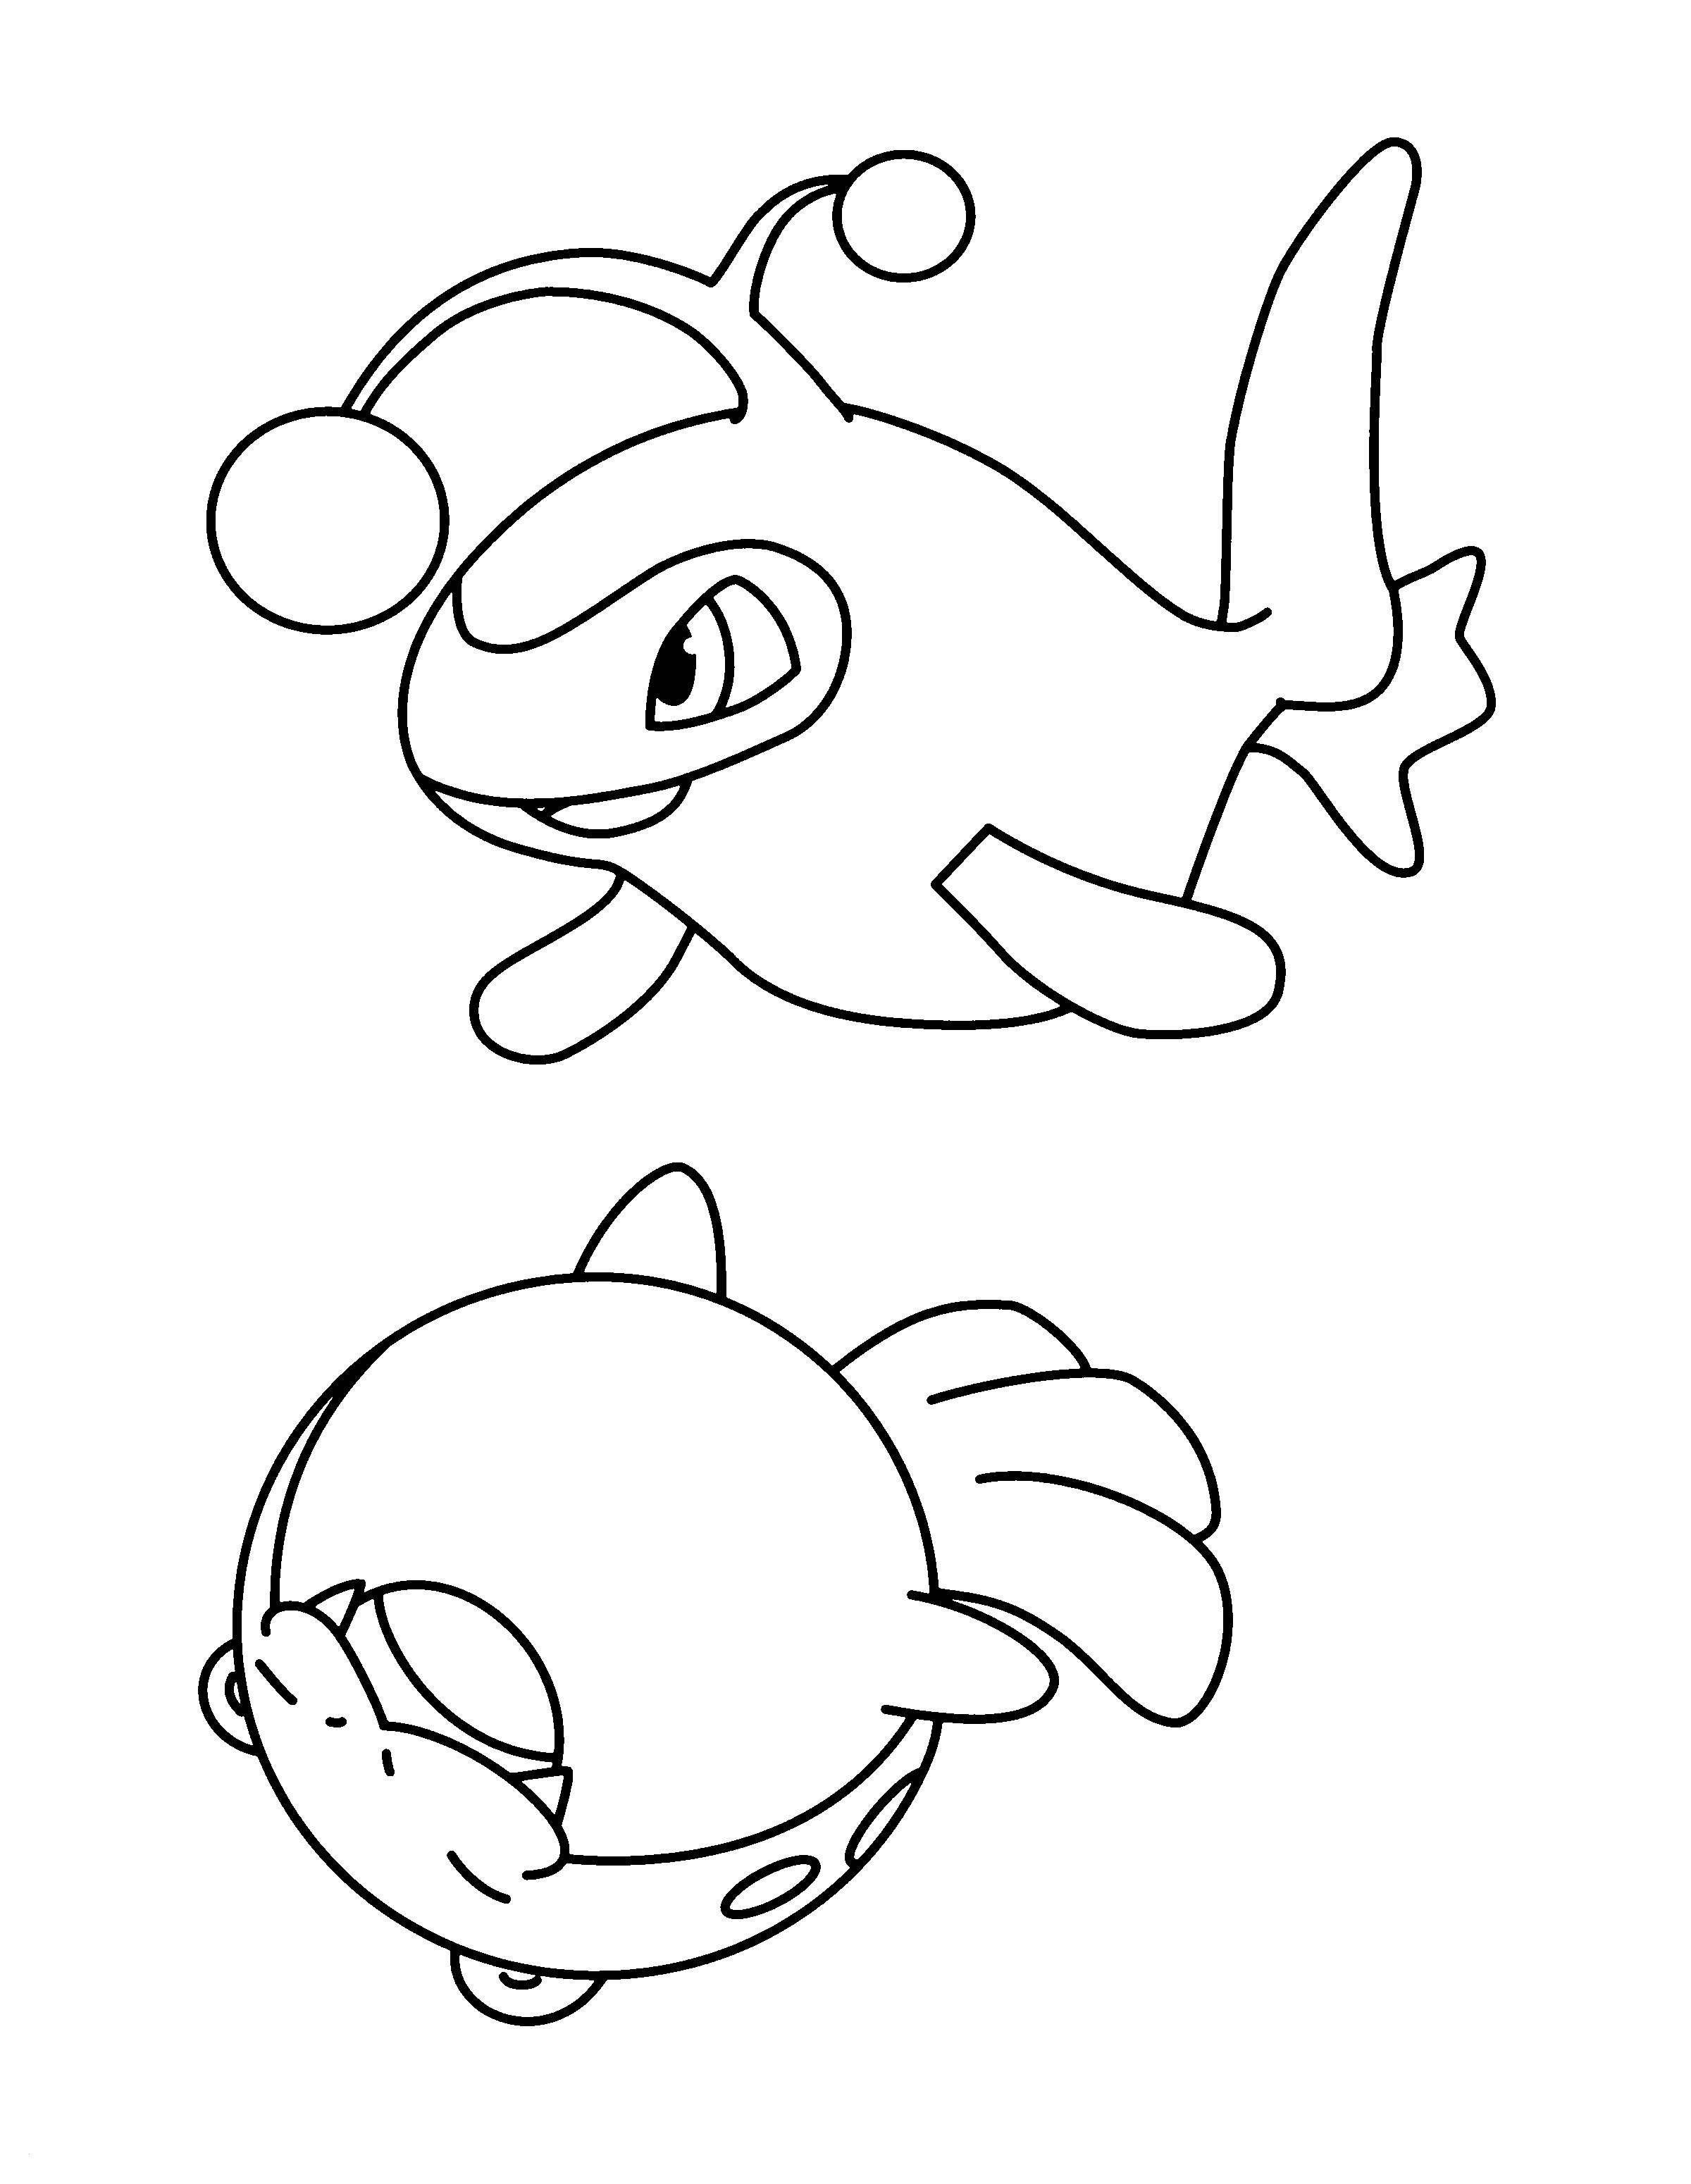 Ausmalbilder Pokemon sonne Und Mond Inspirierend 33 Pokemons Zum Ausmalen Das Bild